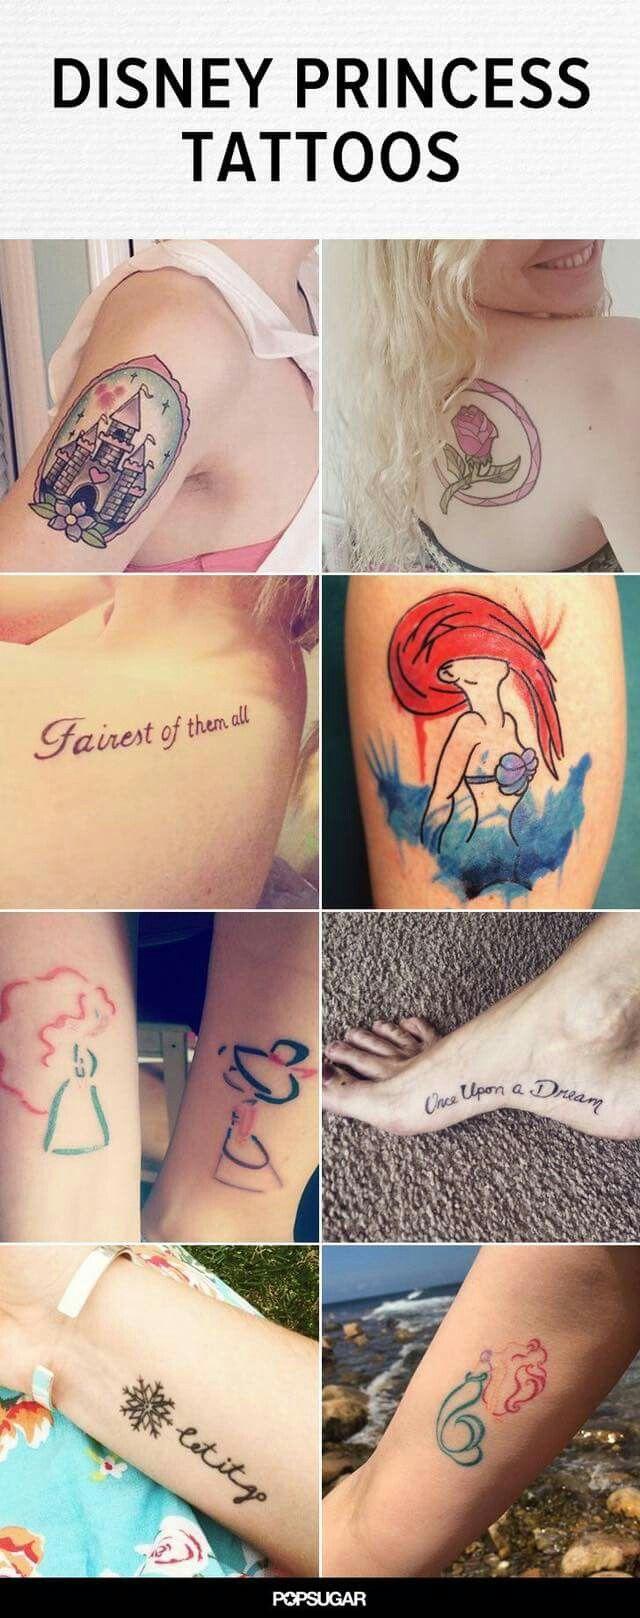 Many Disney tattoos ideas